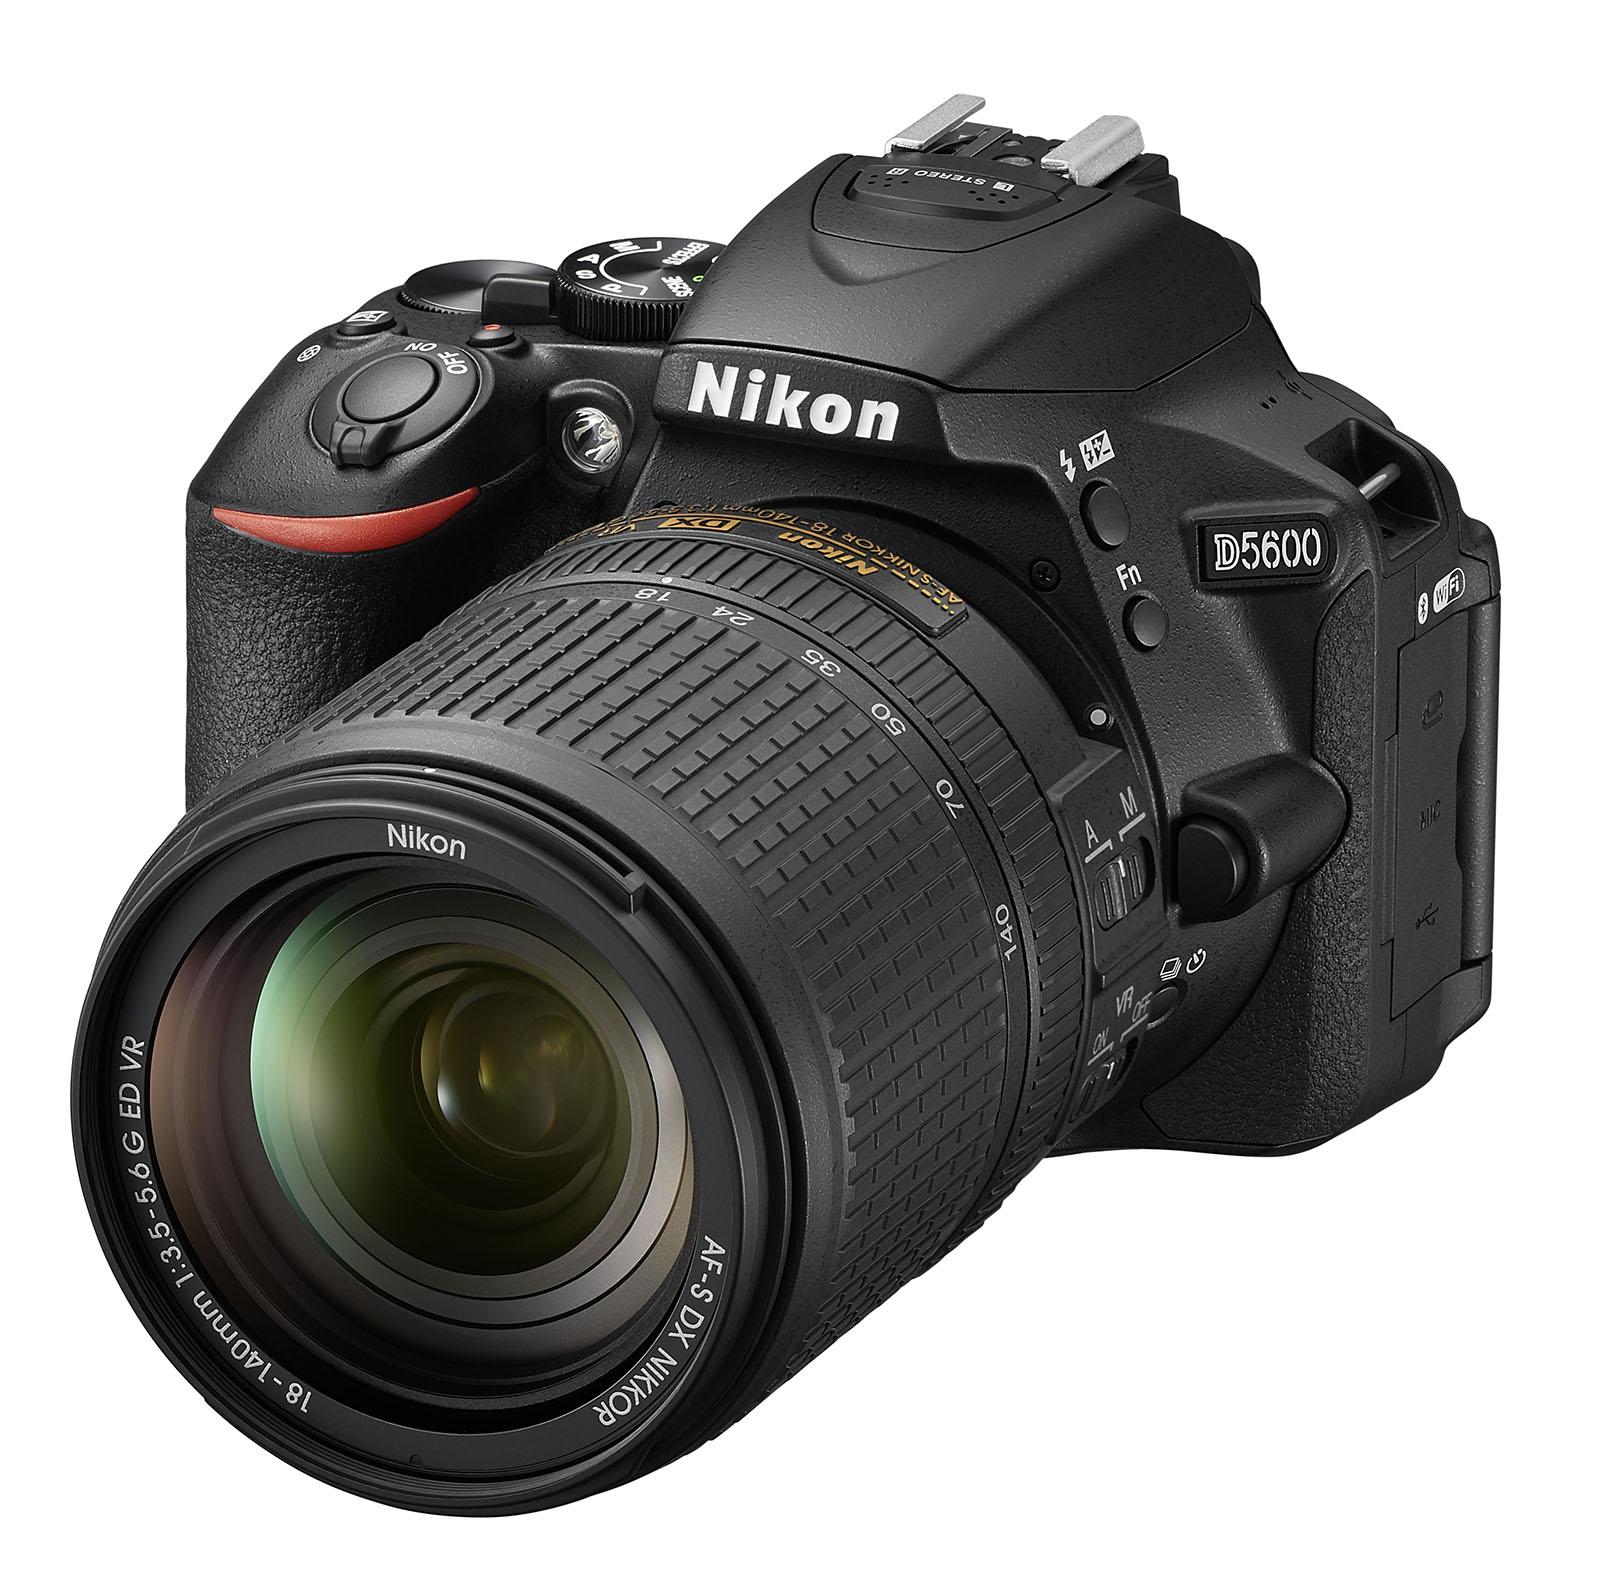 Nikon banks on bluetooth with new d5600 dslr rangefinder d560018140vrfrt34l baditri Images